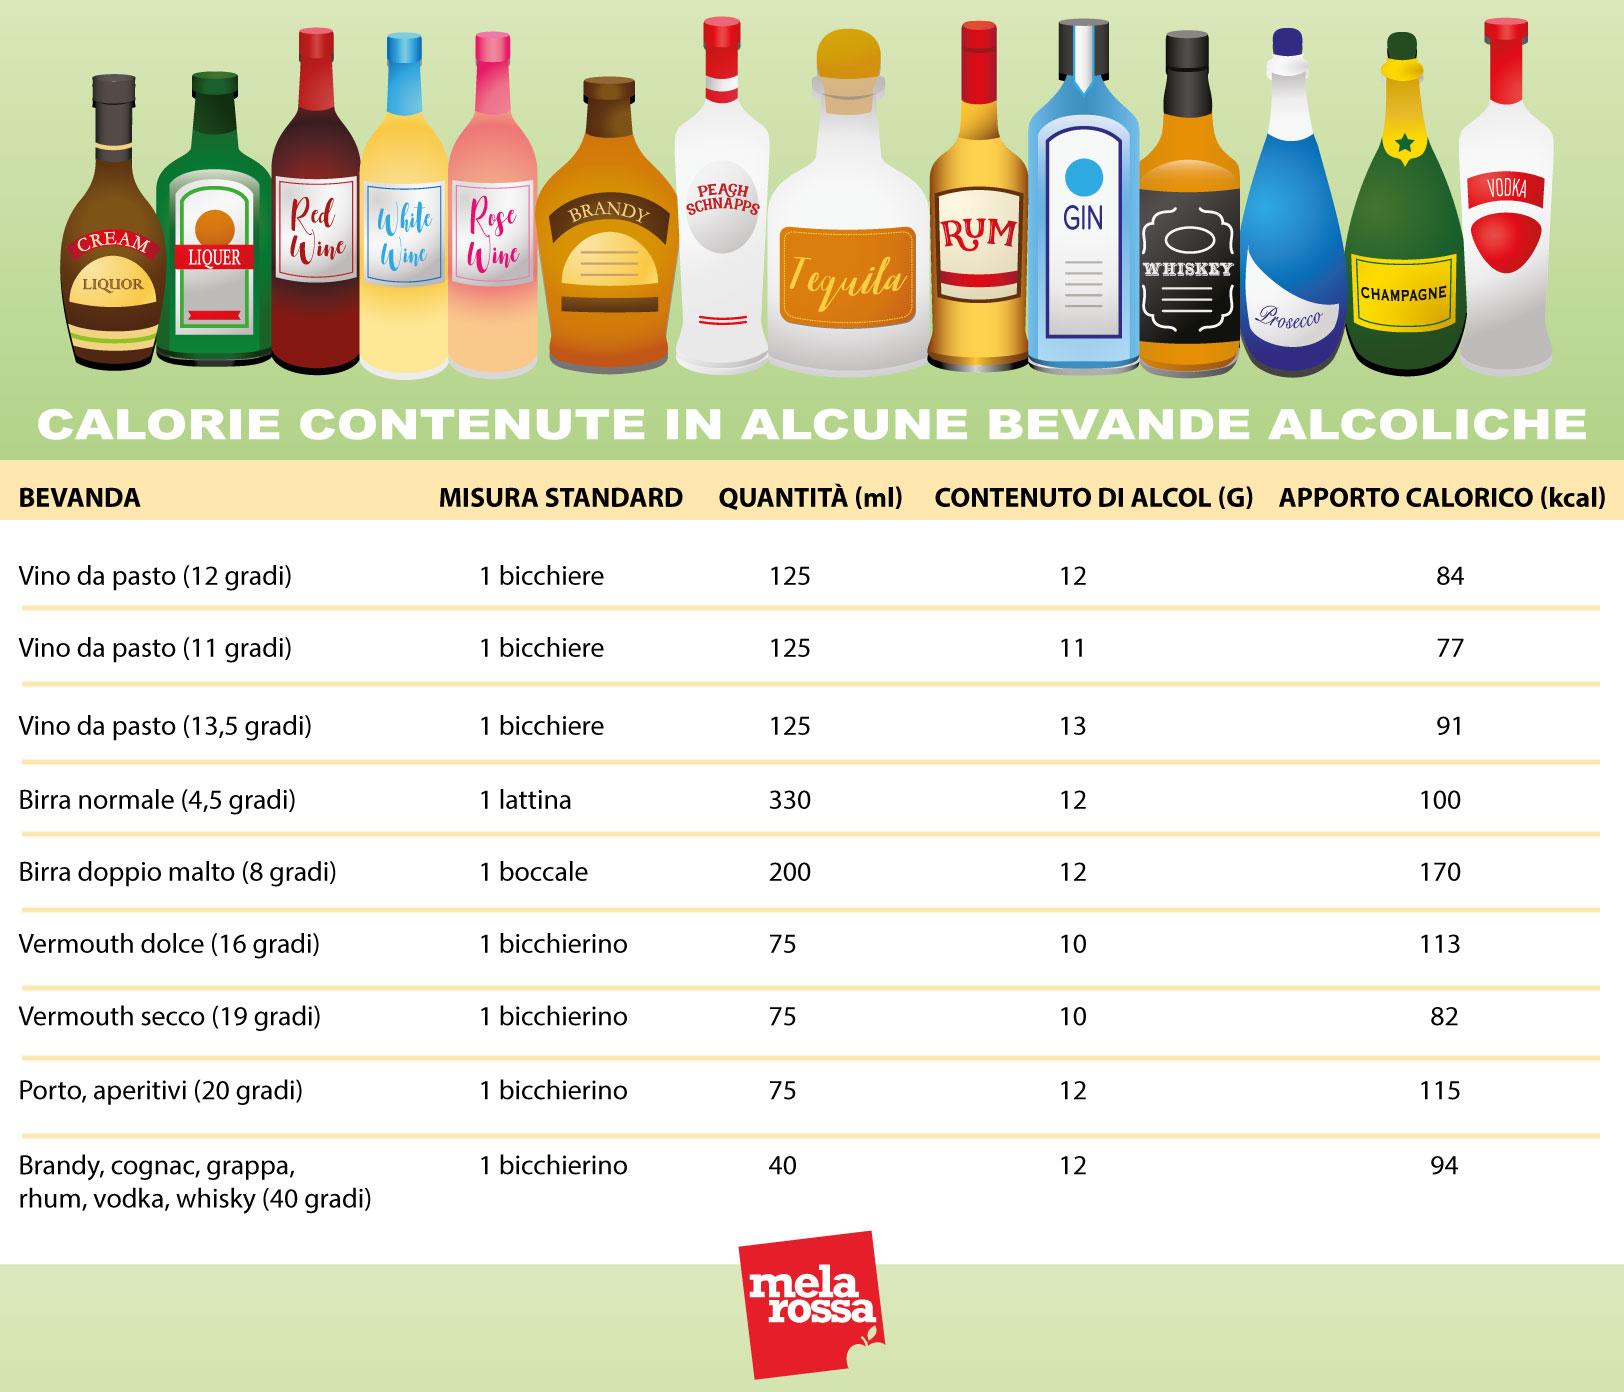 dieta durante le feste di Natale: calorie bevande alcoliche